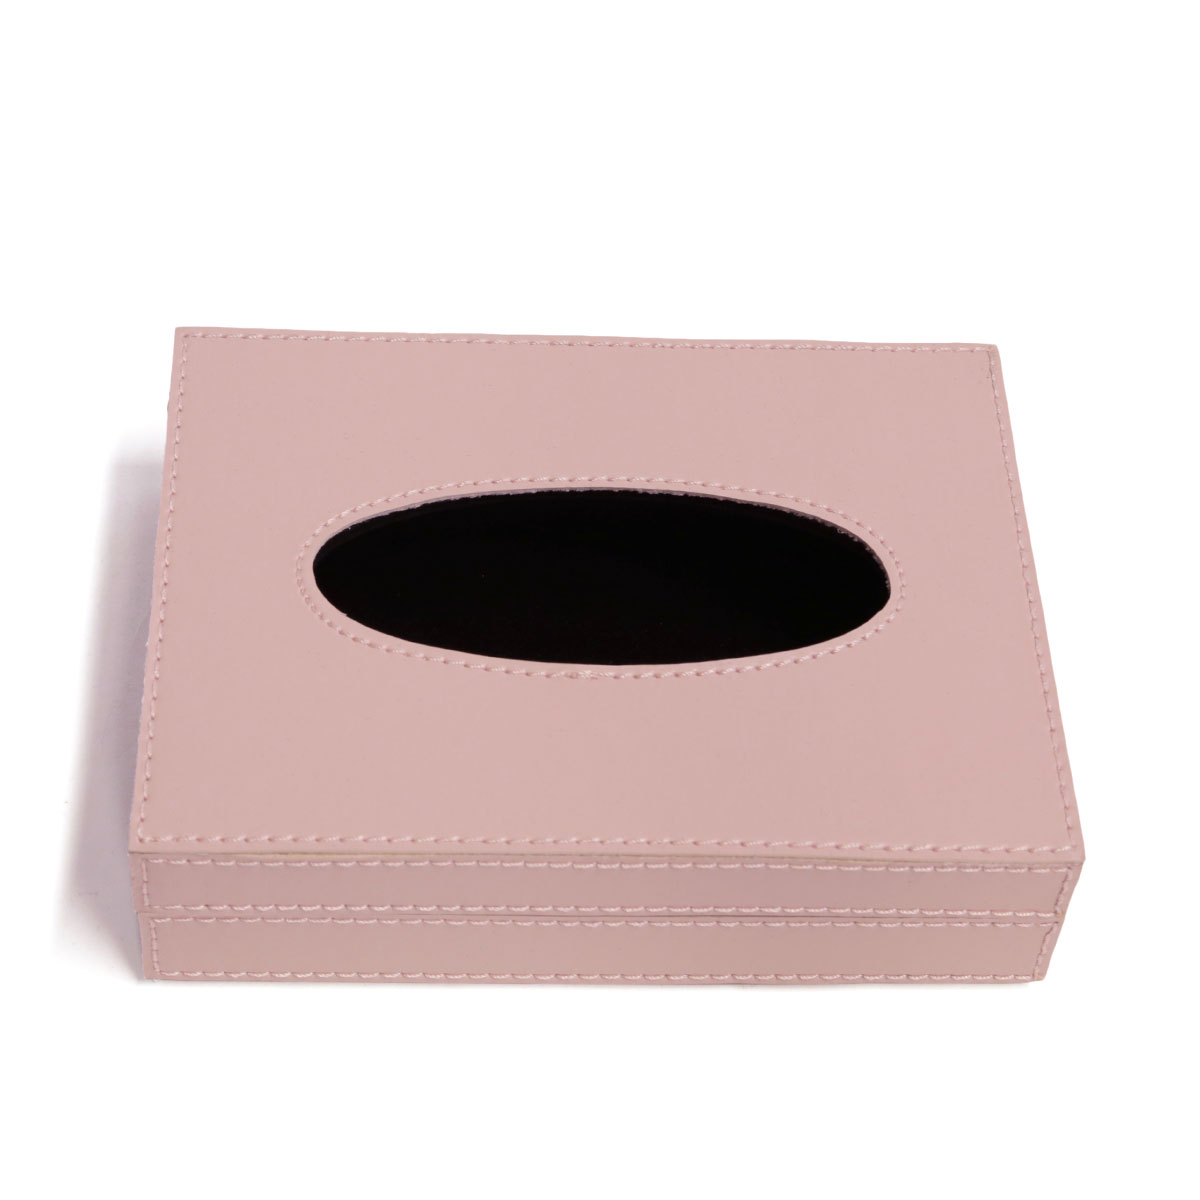 Caixa porta lenços (Montana Rosé)